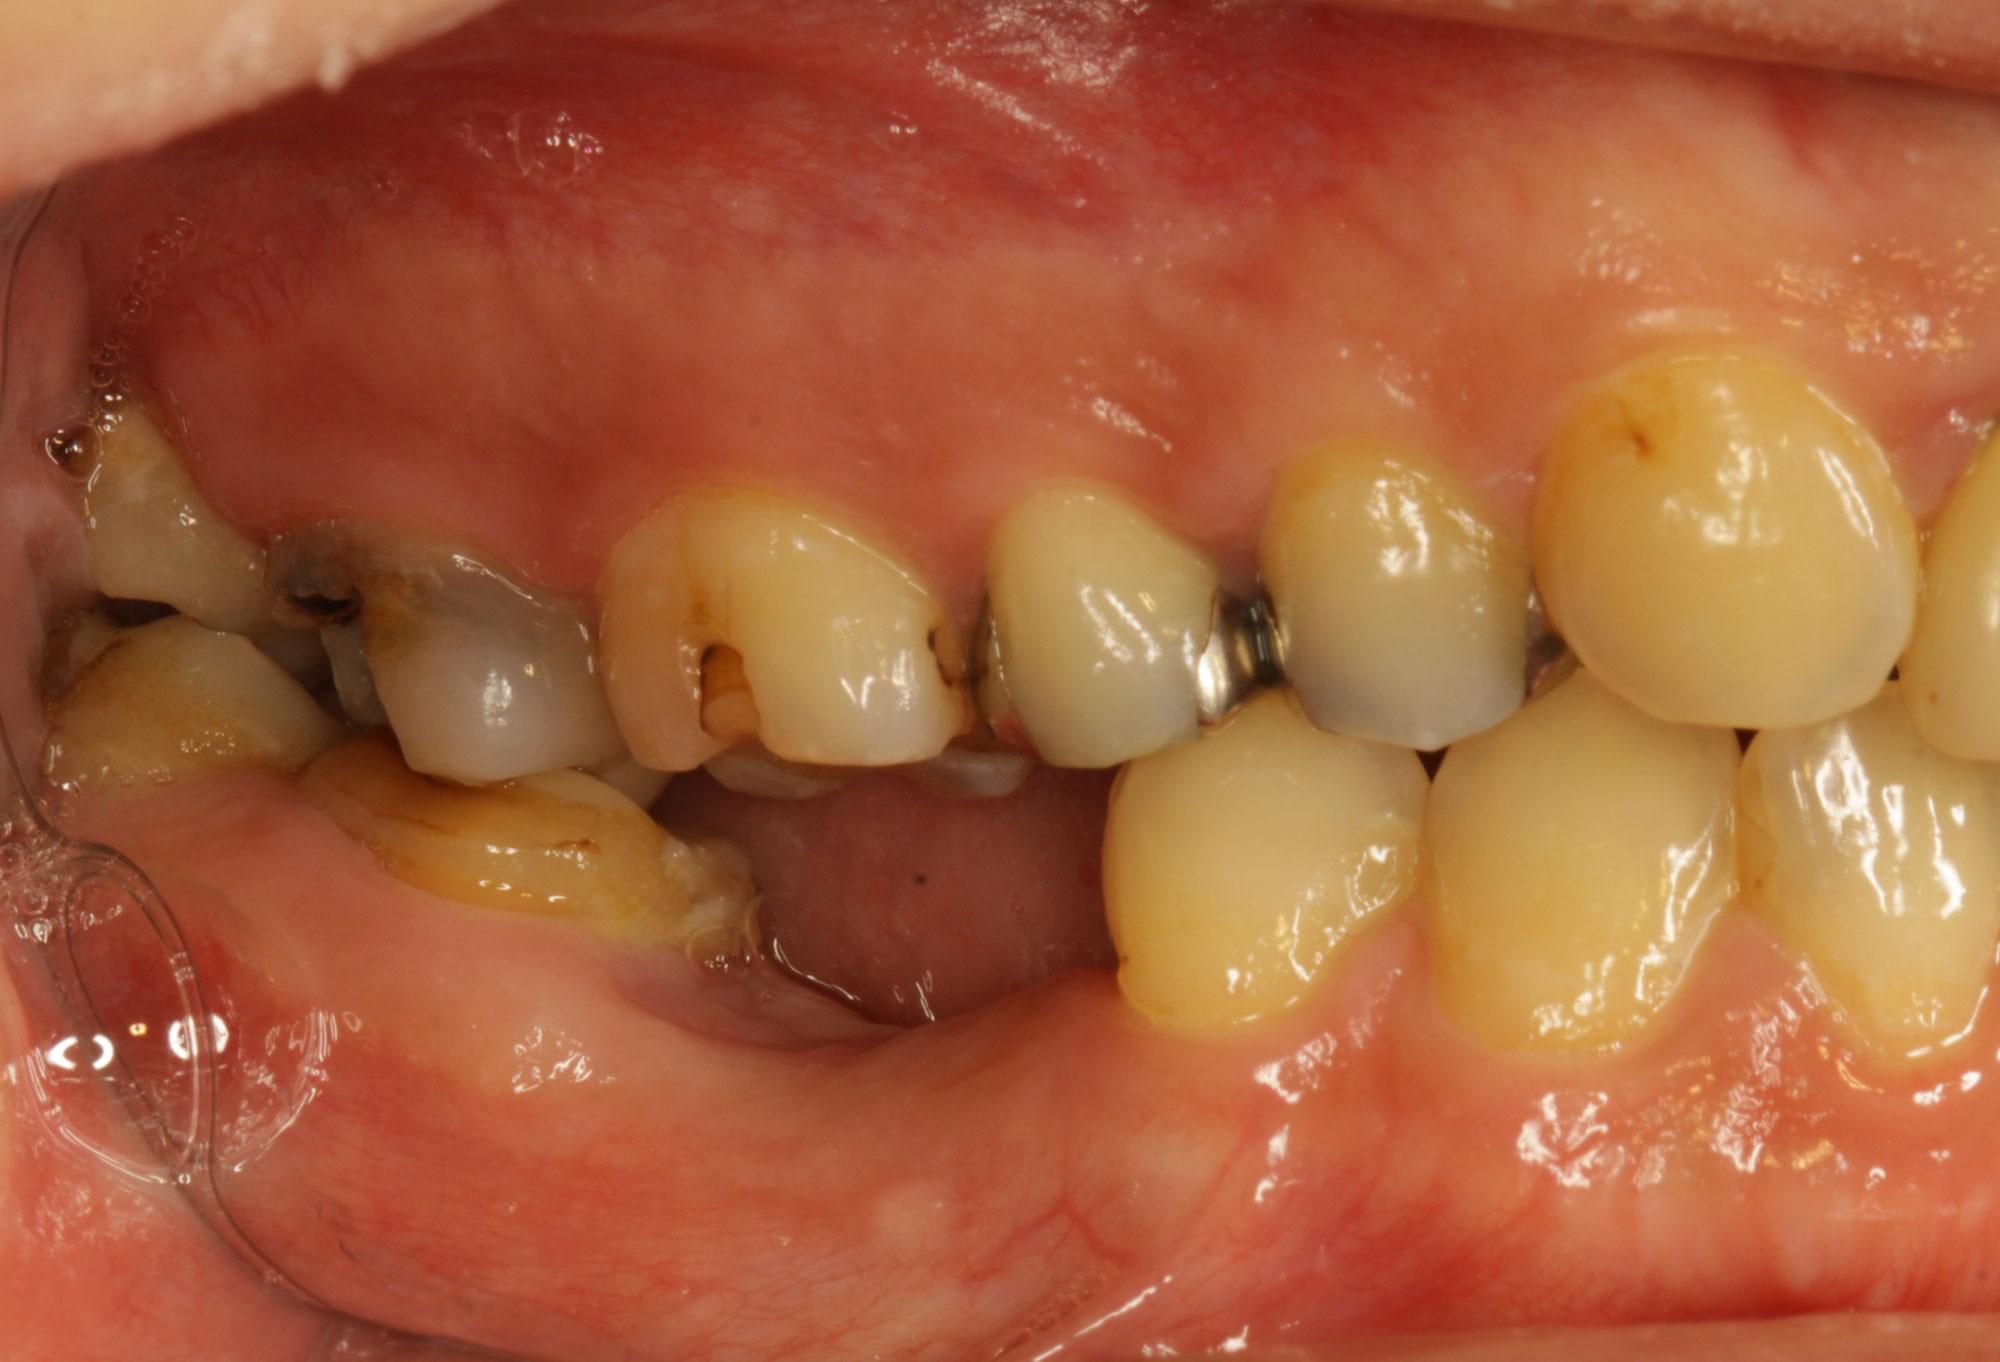 歯を抜いてインプラントを入れる前に